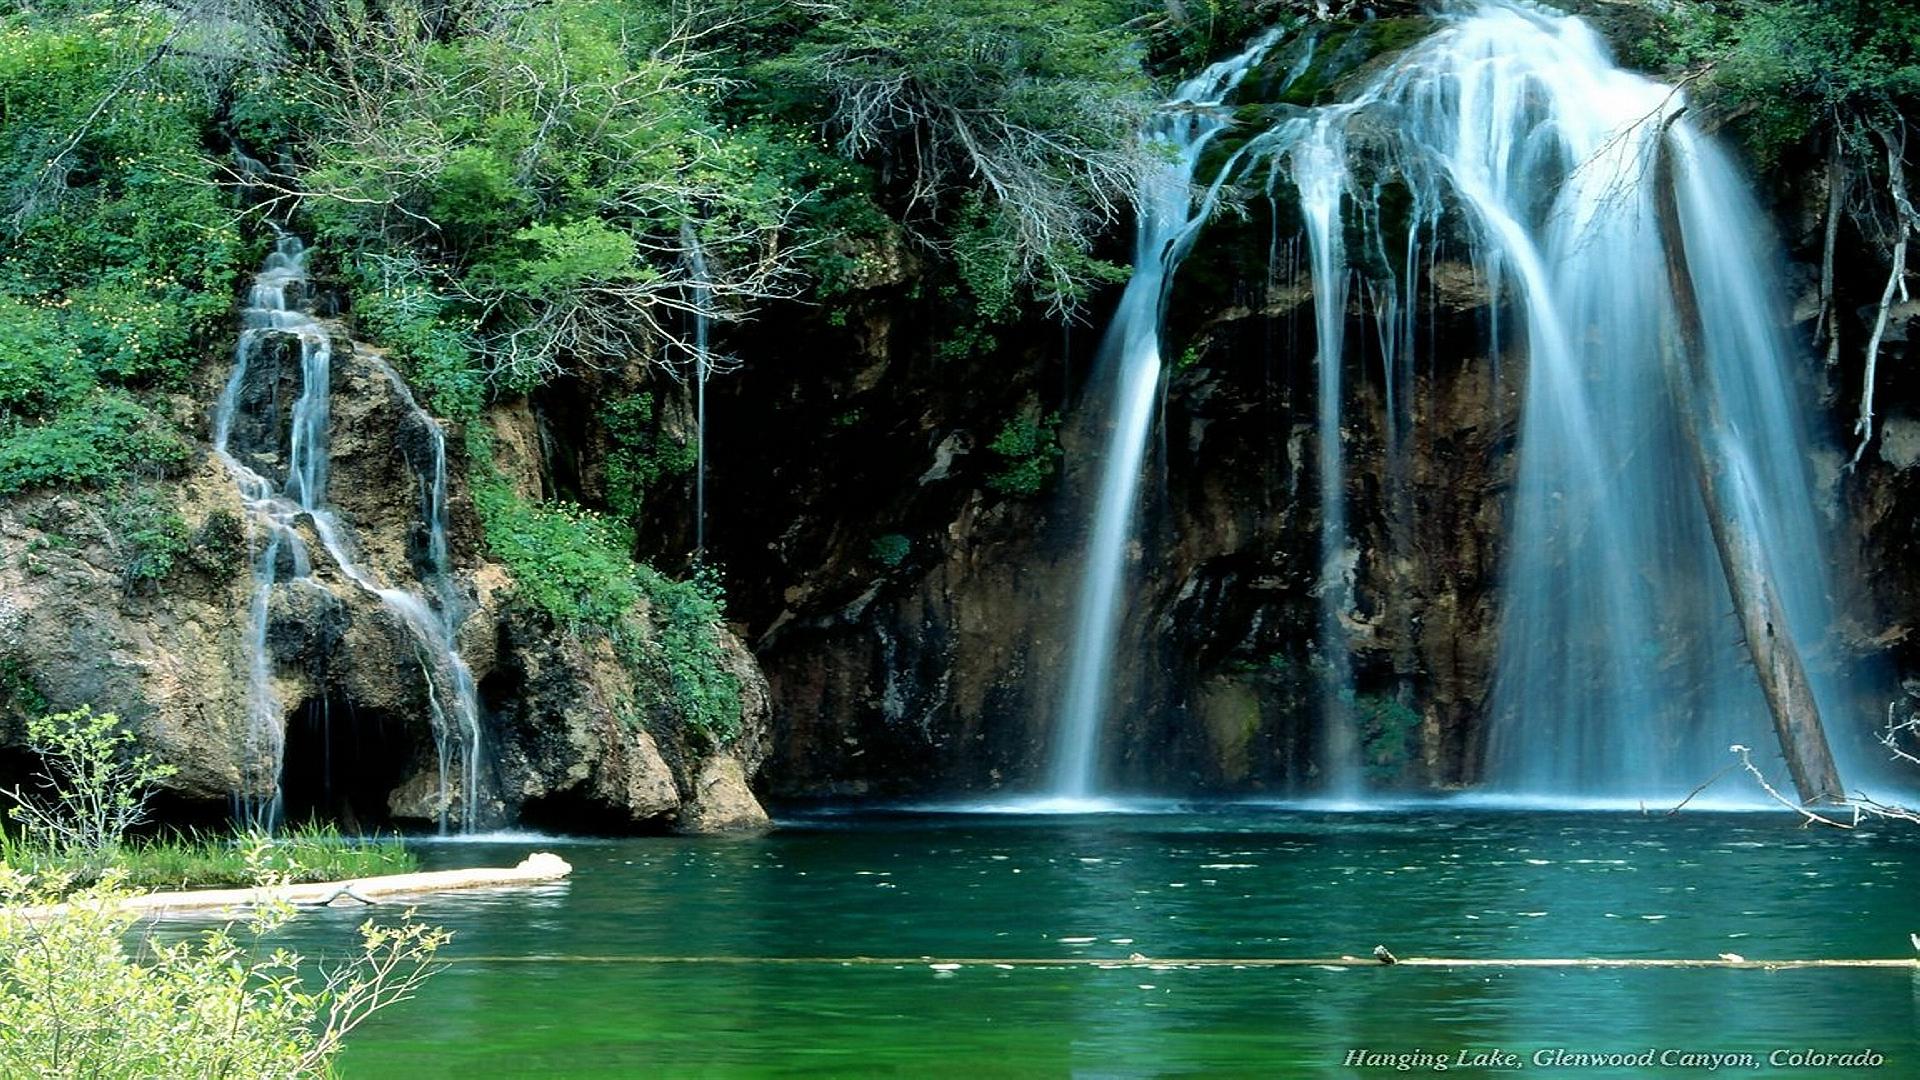 pictureshdwallpapersnaturebackgroundshanging lake colorado 1920x1080